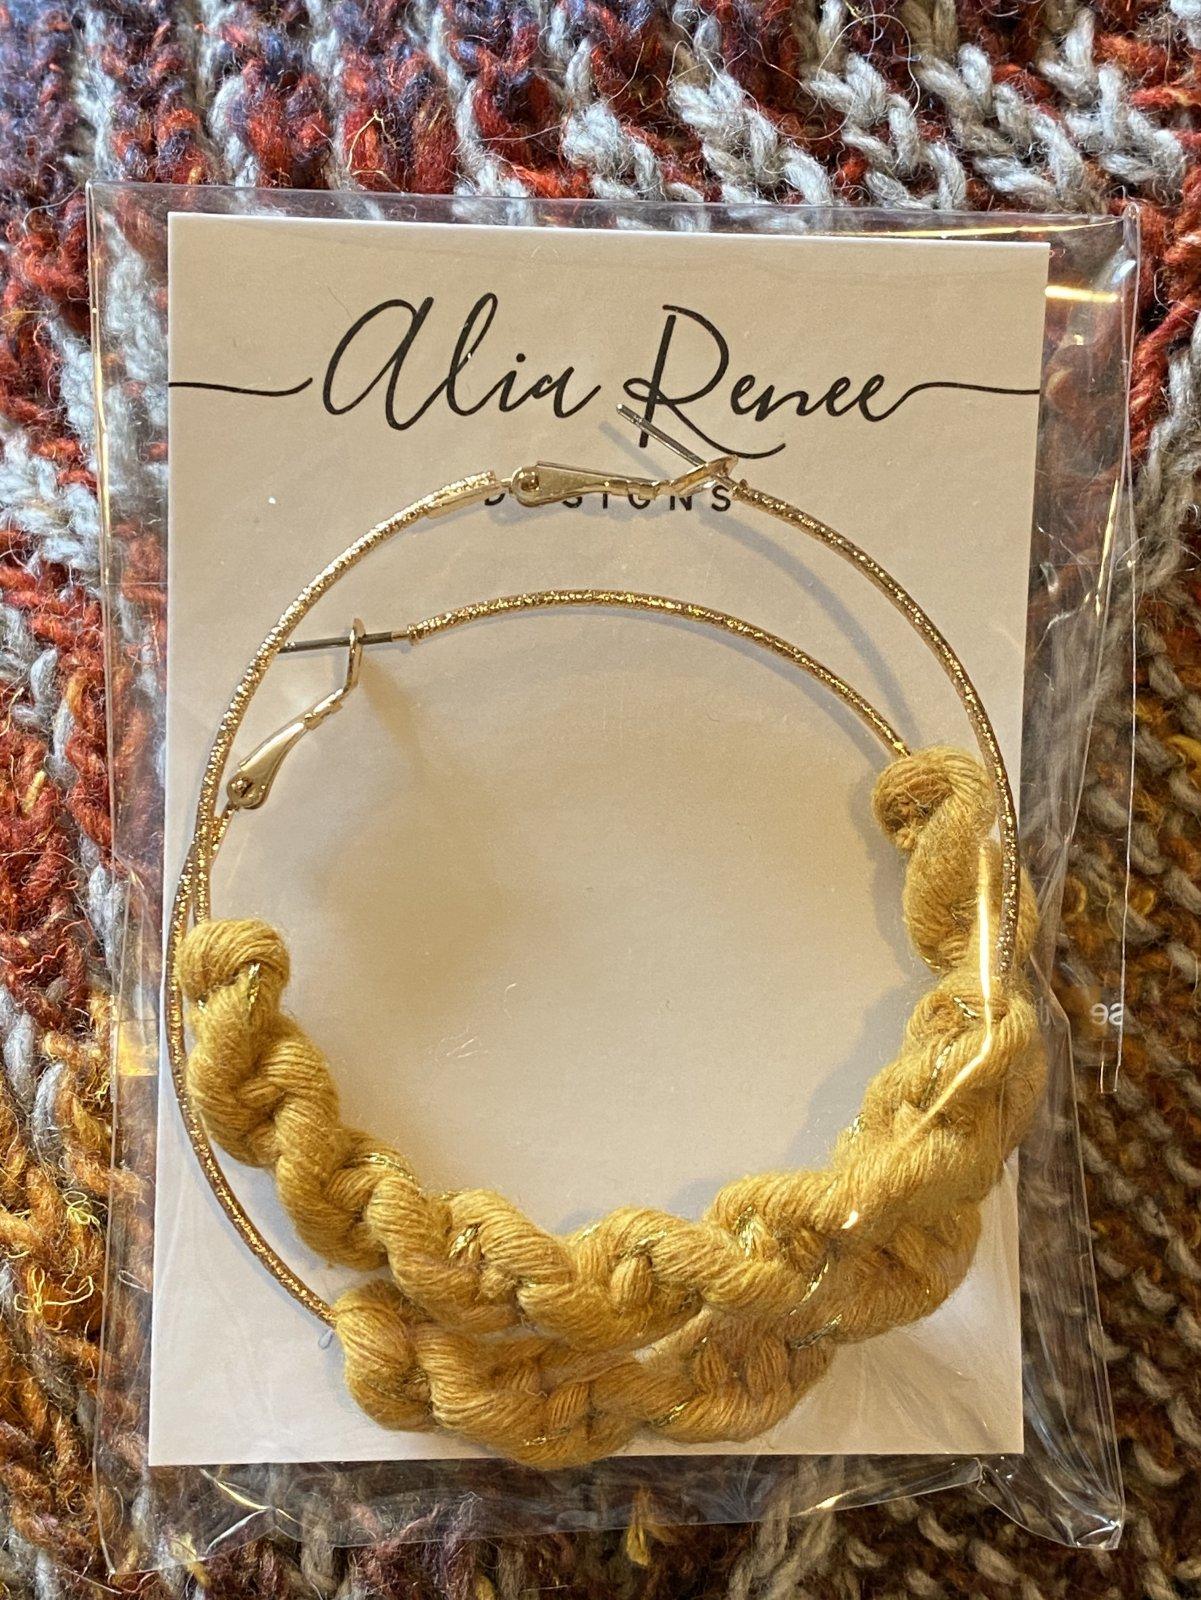 Kara Hoops-Alia Renee Designs